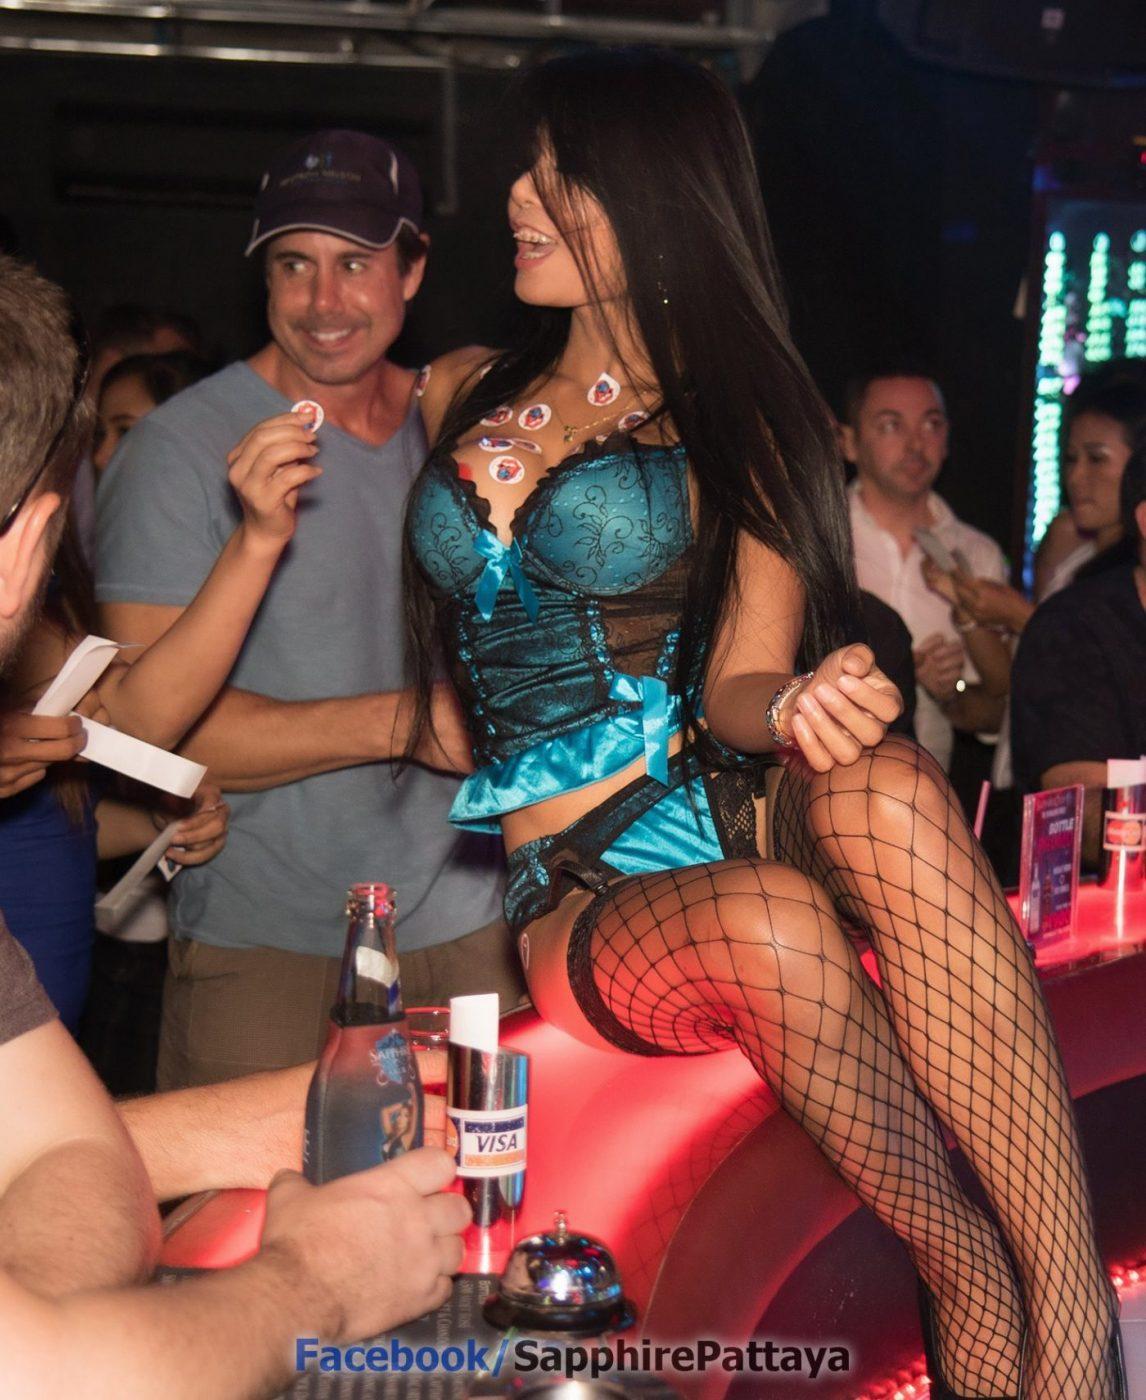 Самое важное в тайском гоу-гоу баре